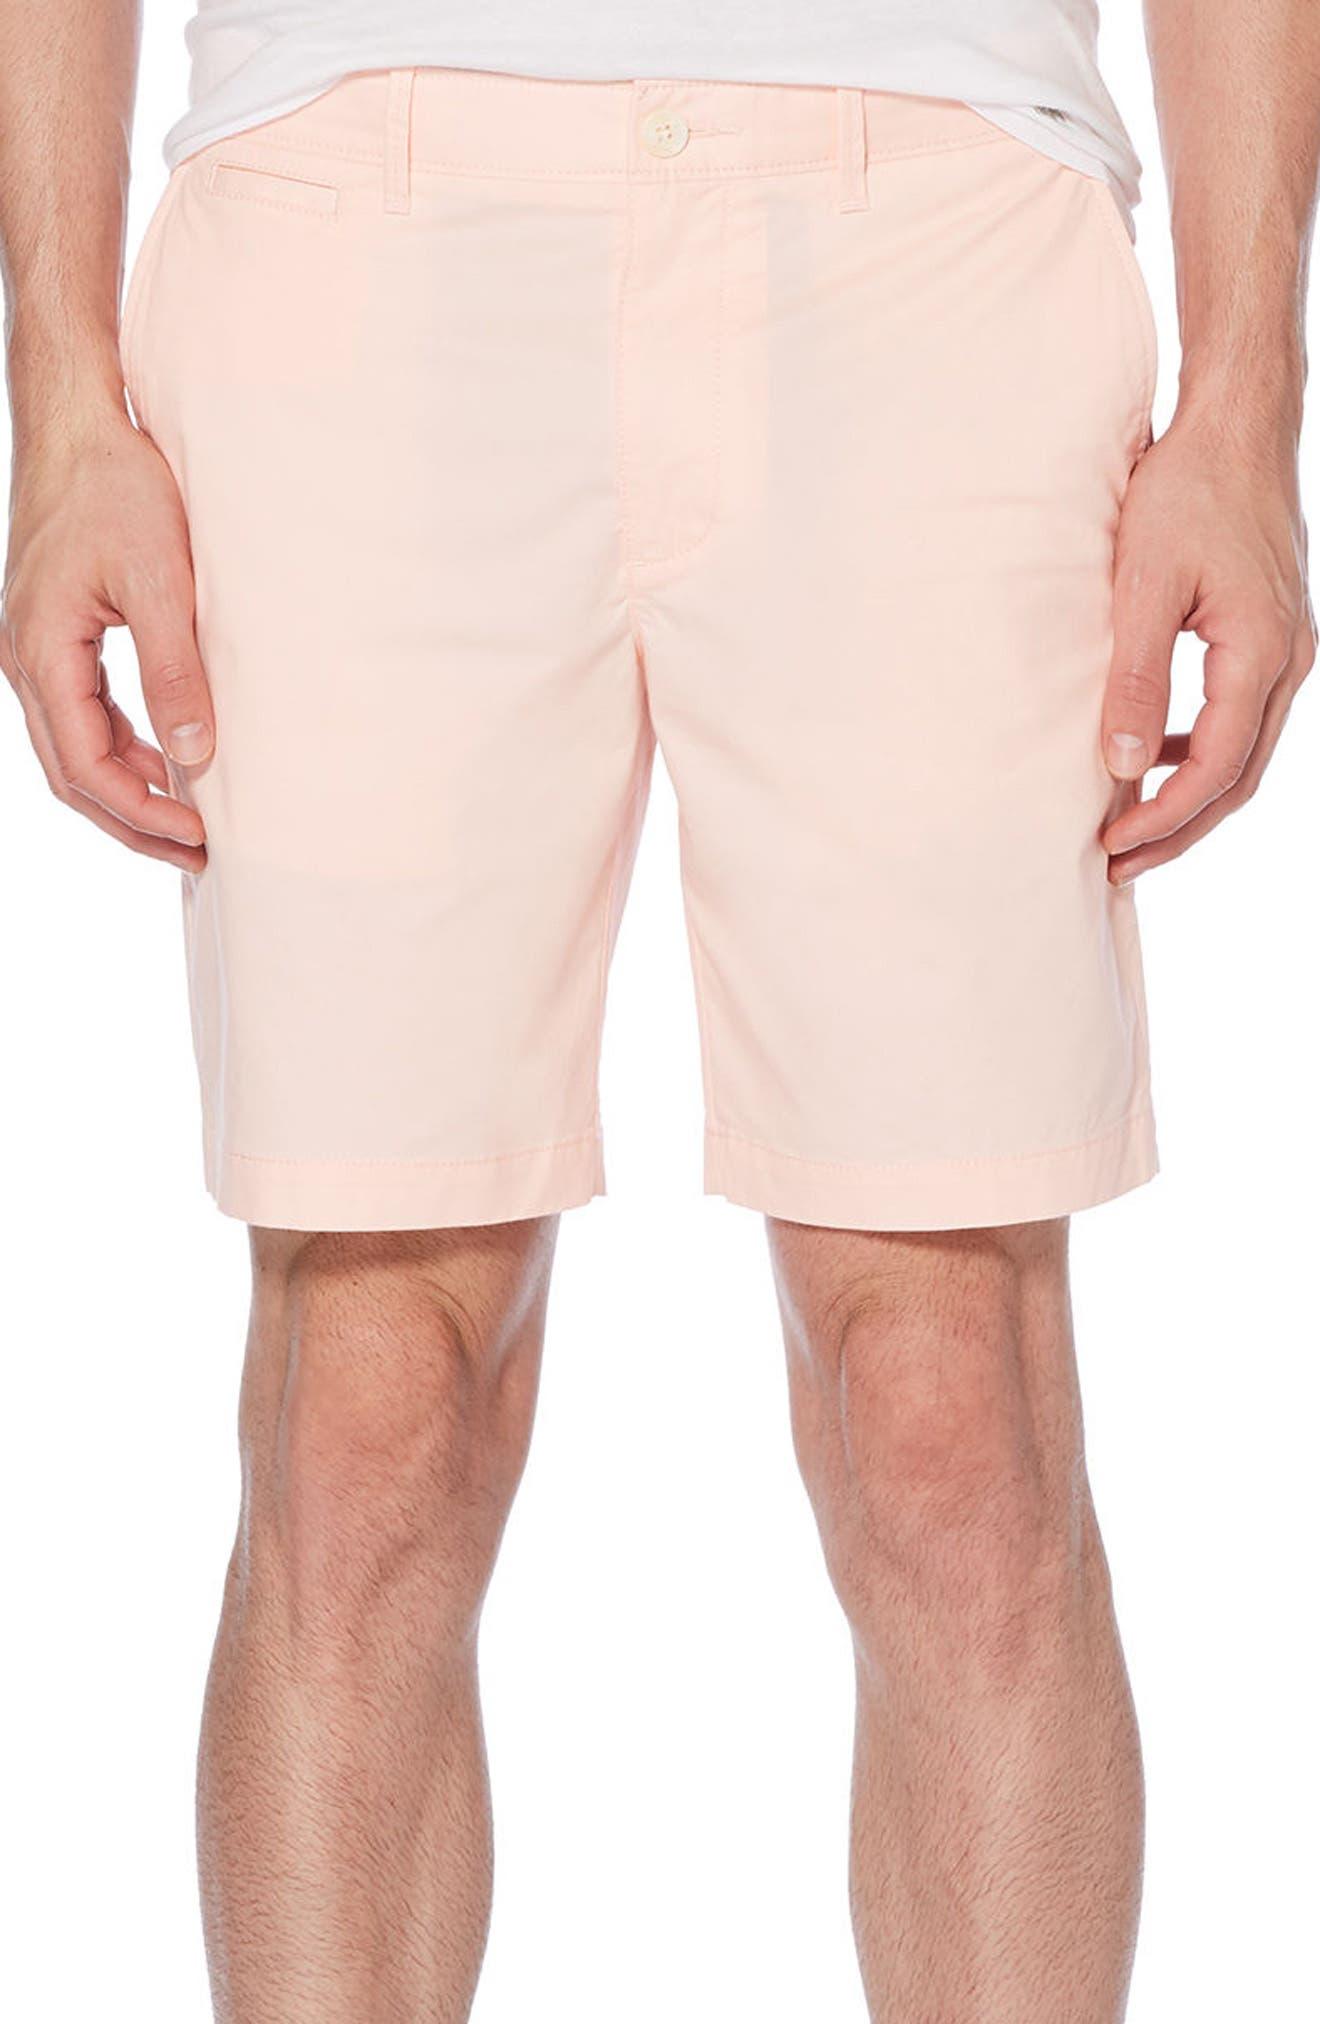 P55 Shorts,                         Main,                         color, Impatiens Pink